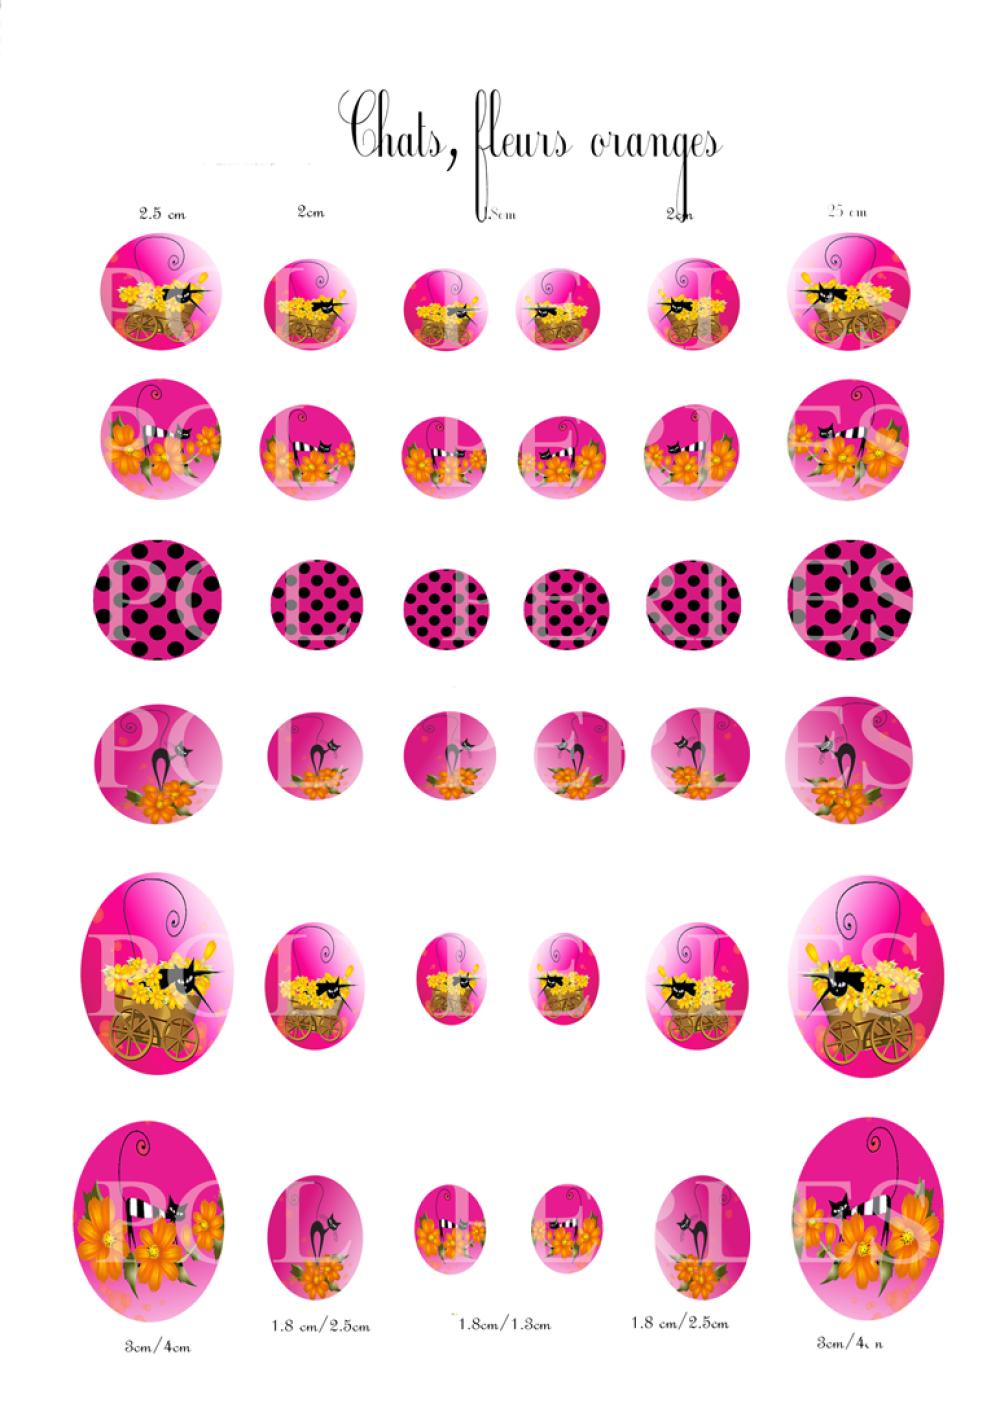 Médaillons digitales cabochons ronds et ovales *CHATS,FLEURS ORANGE*